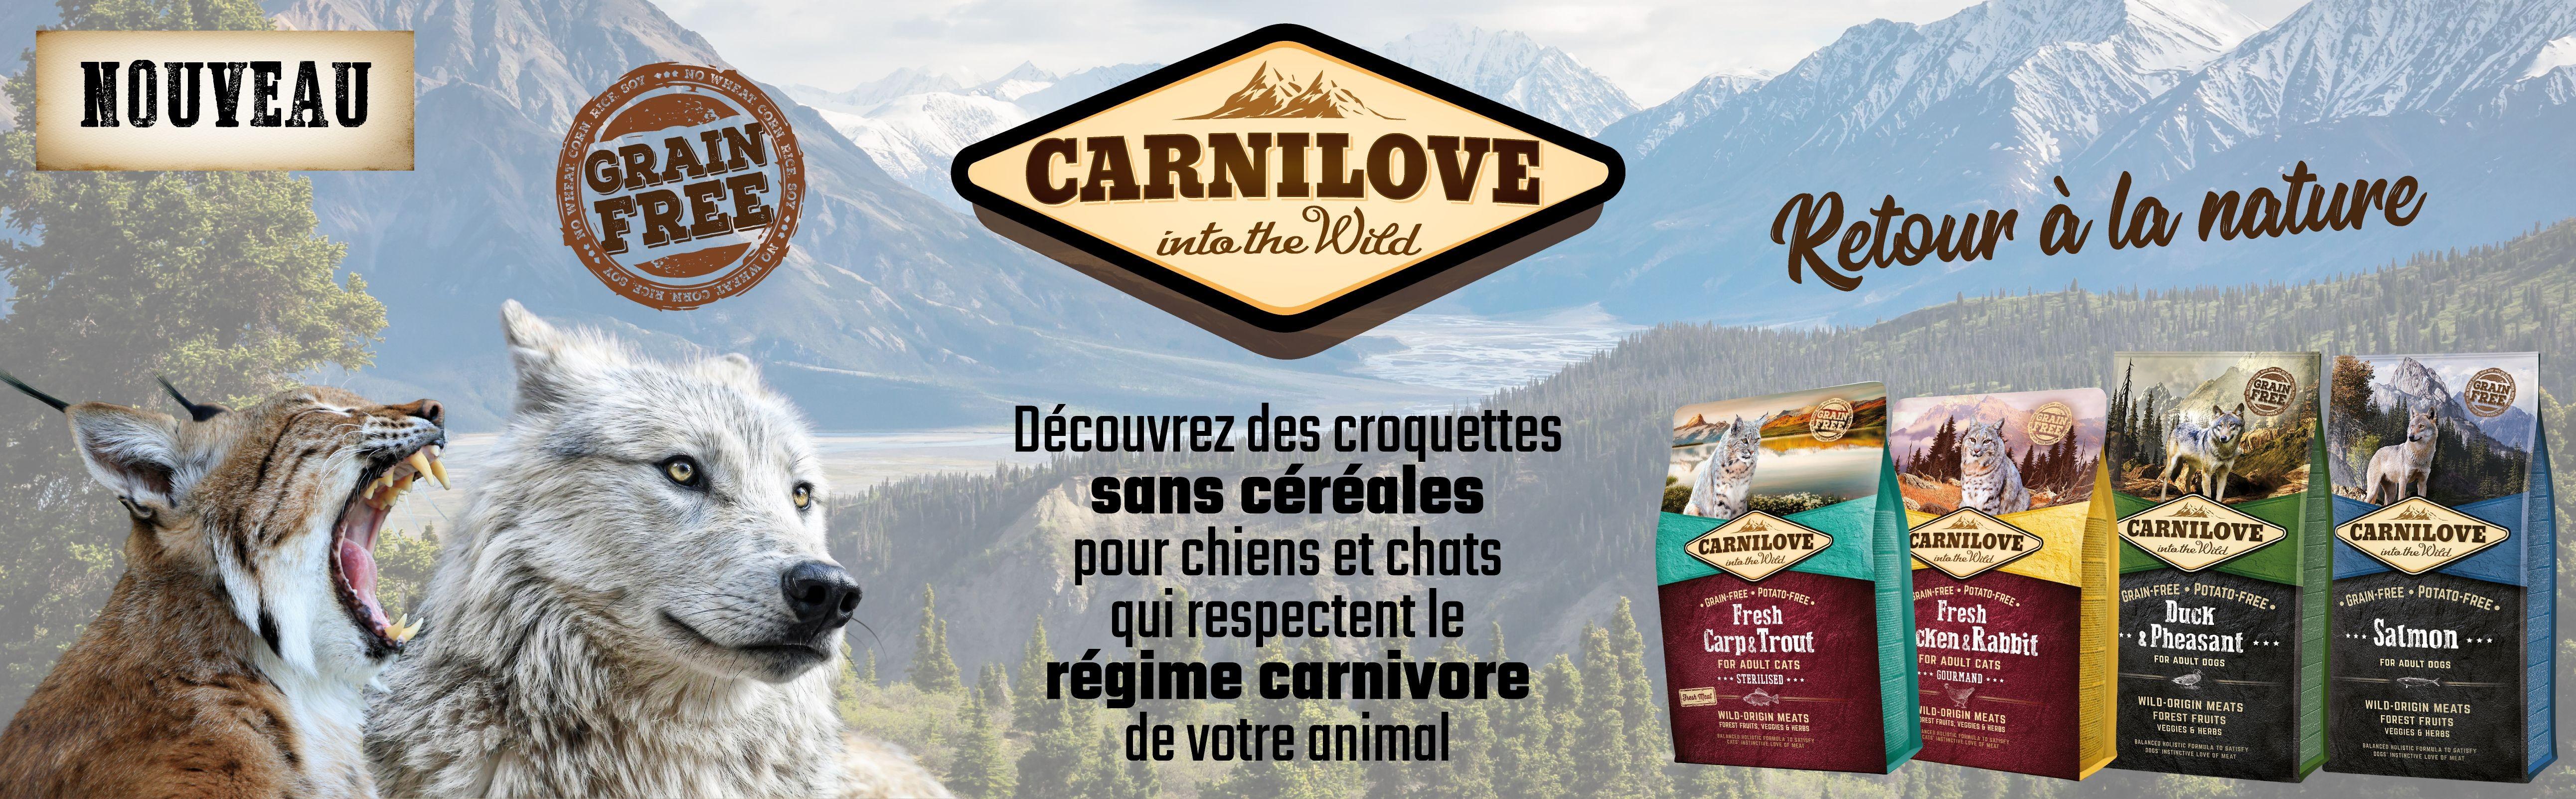 Découvrez des croquettes sans céréales pour chiens et chats qui respectent le régime carnivore de votre animal